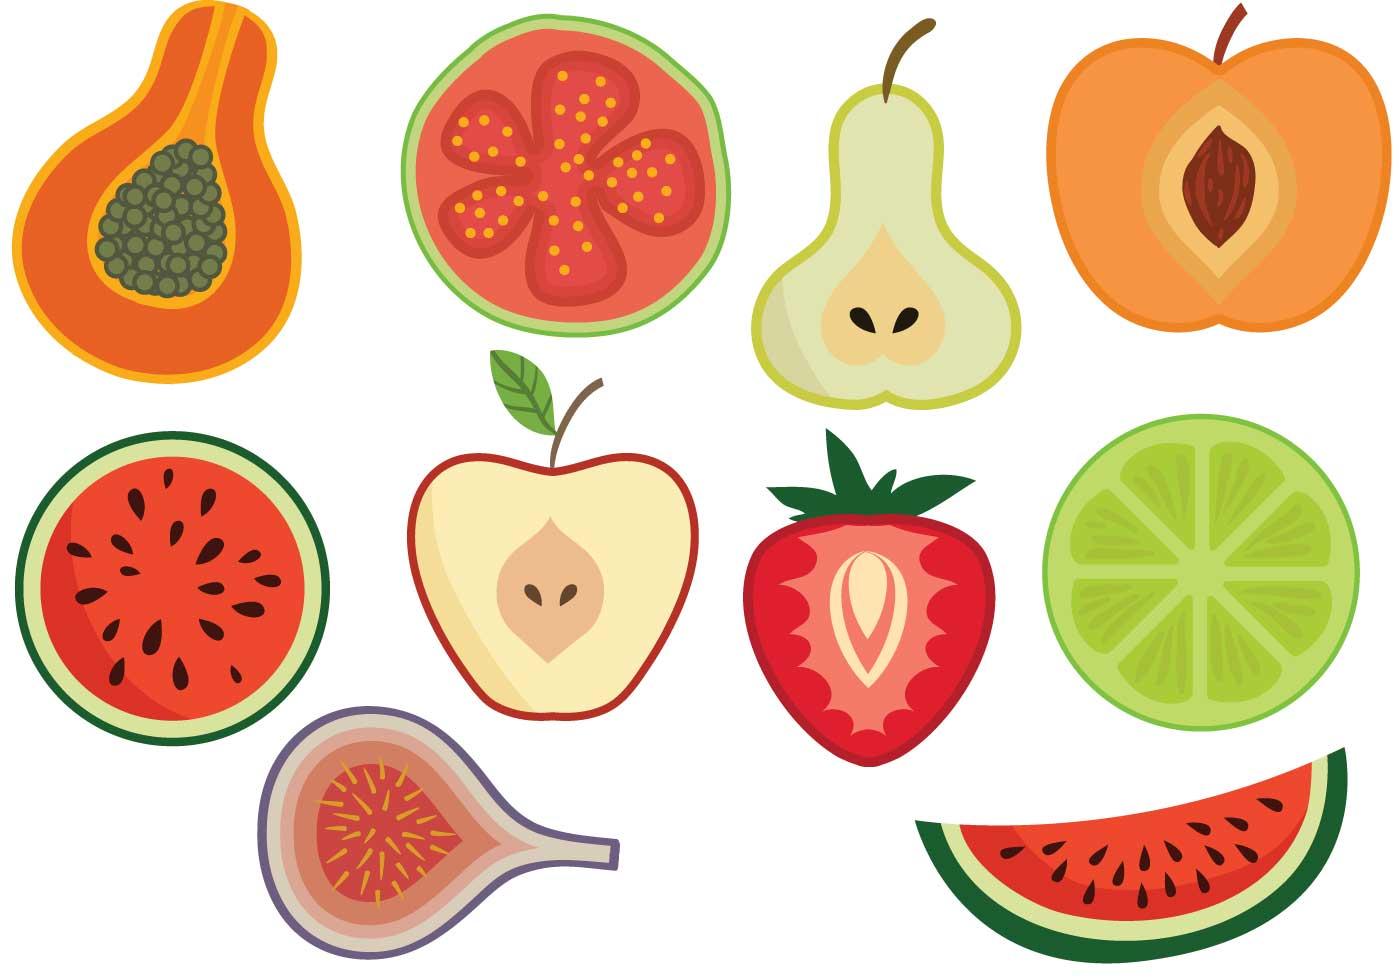 Fruit Vectors - Download Free Vector Art, Stock Graphics ...